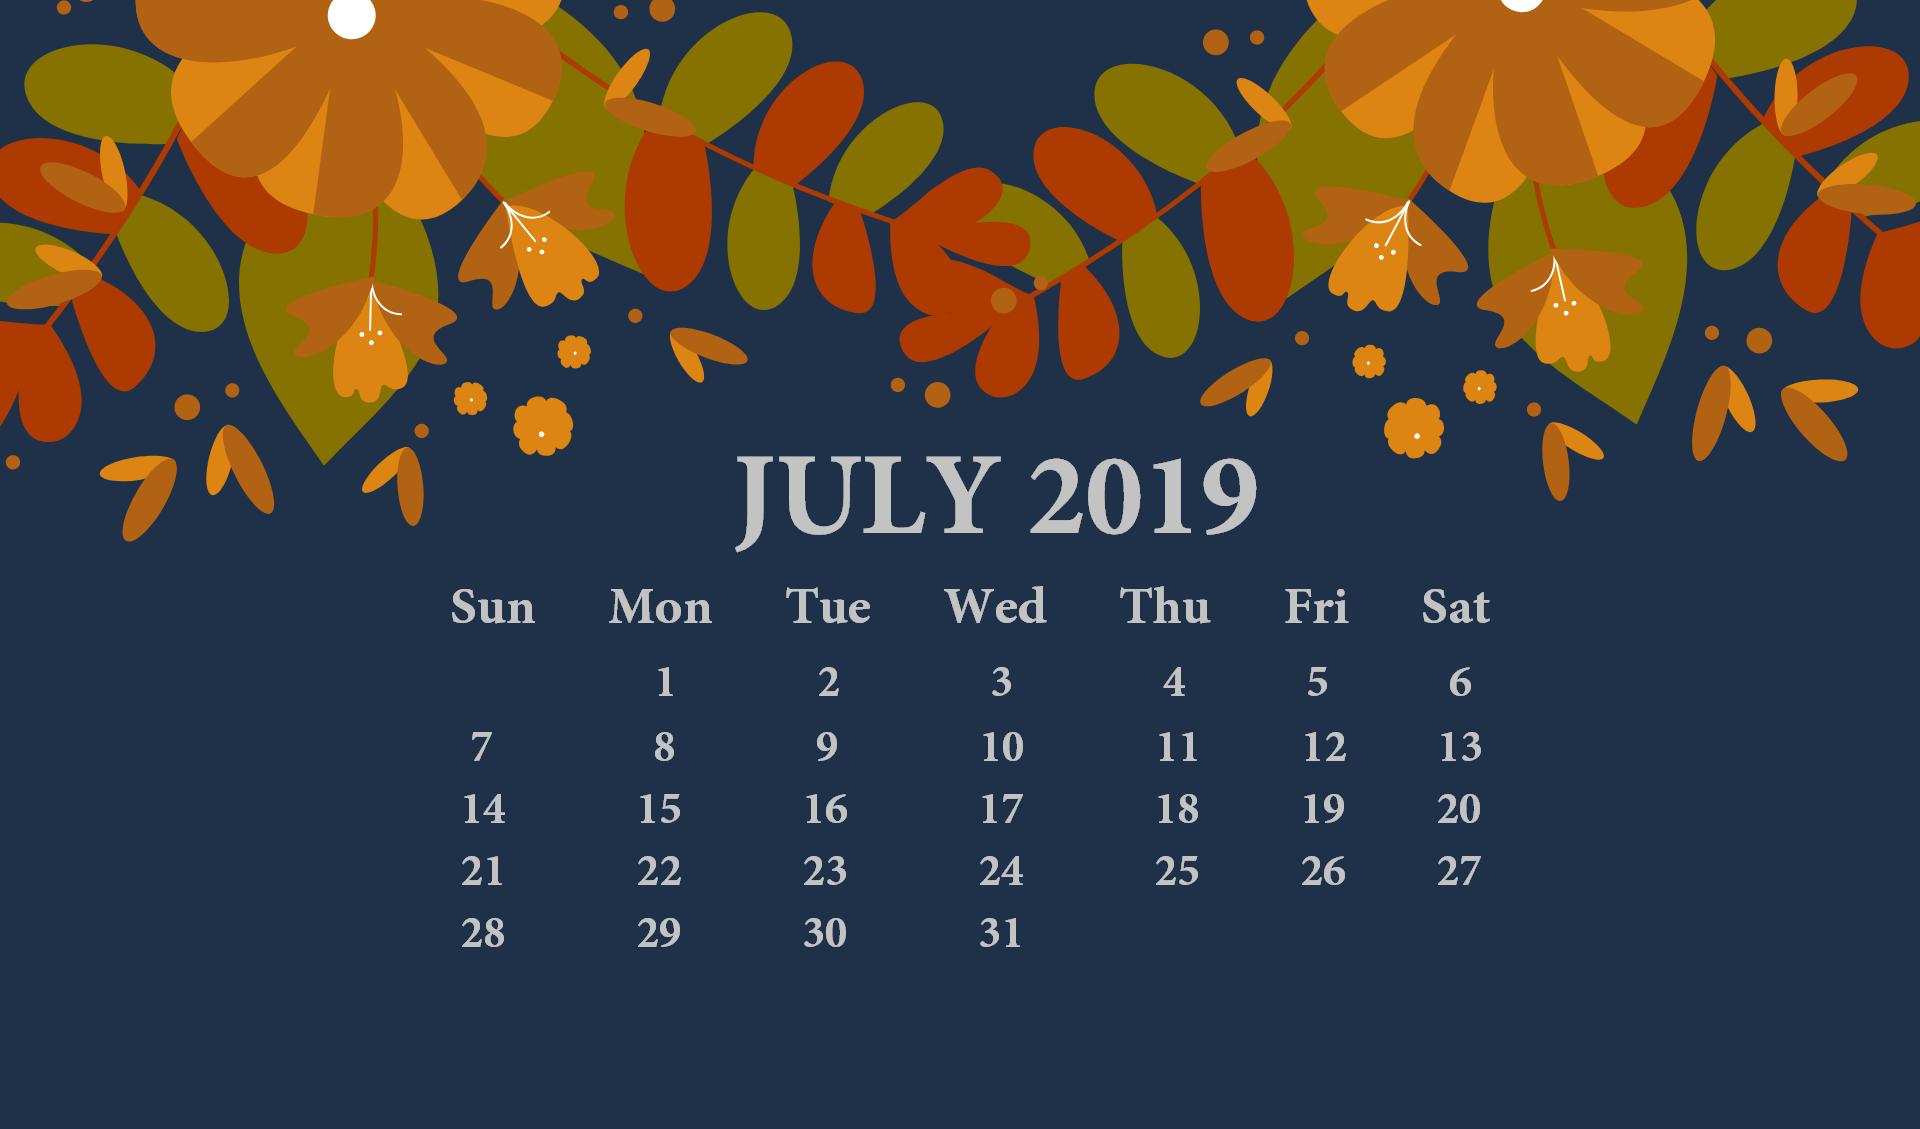 July 2019 Desktop Wallpaper With Calendar Calendar Wallpaper Desktop Calendar July Calendar